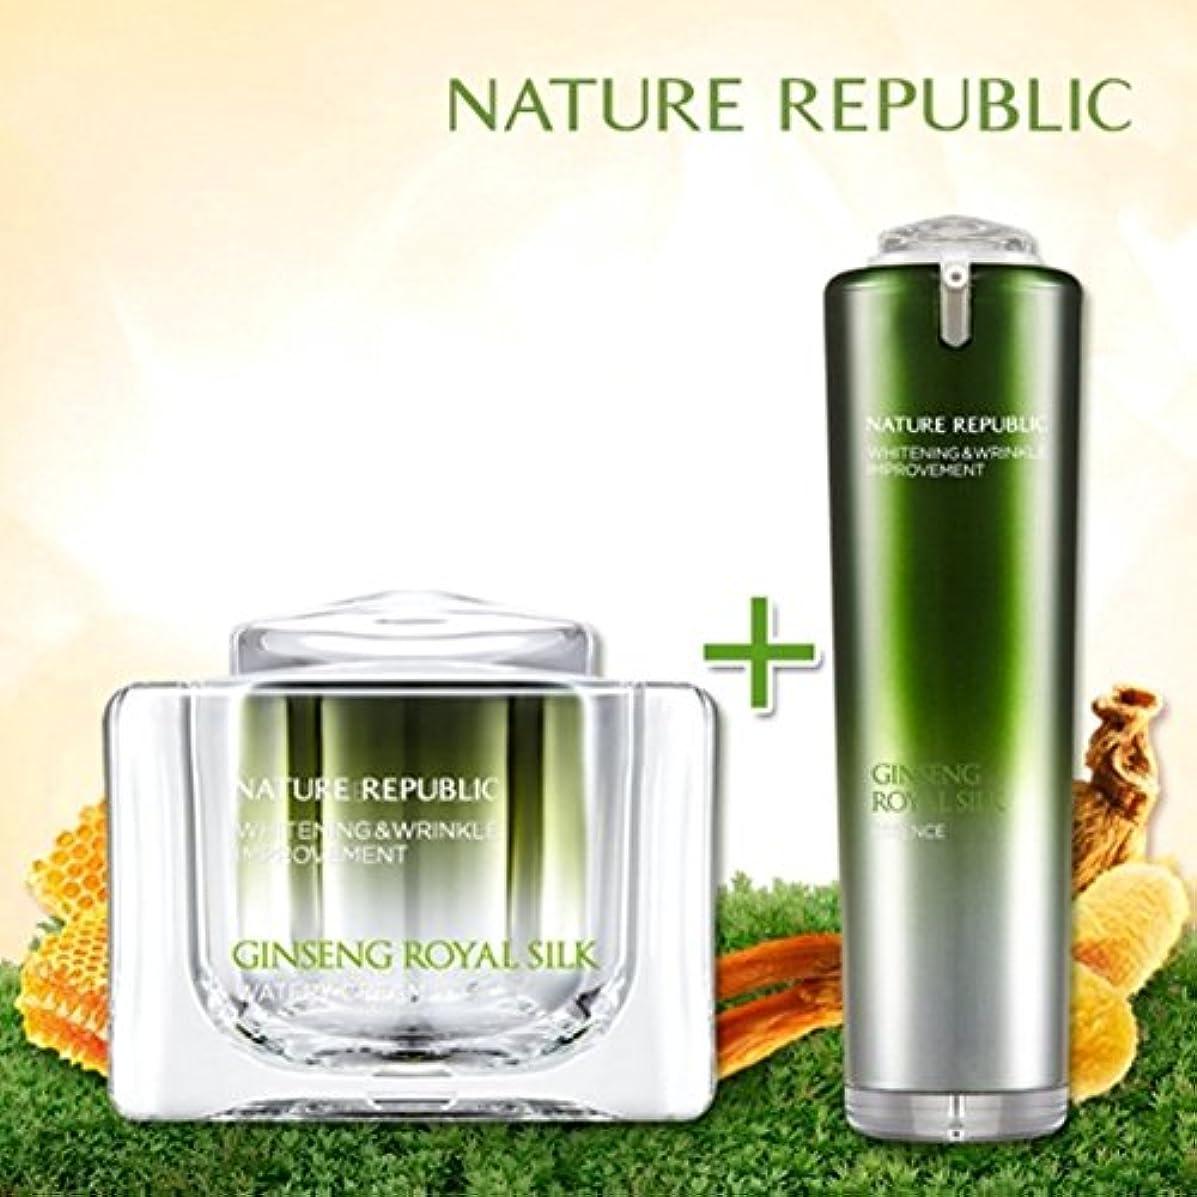 誤検索エンジン最適化無声でNATURE REPUBLIC/高麗人参ロイヤルシルクウォーターリークリーム+エッセンス Nature Republic、Ginseng Royal silk Watery Cream+Essence(海外直送品)